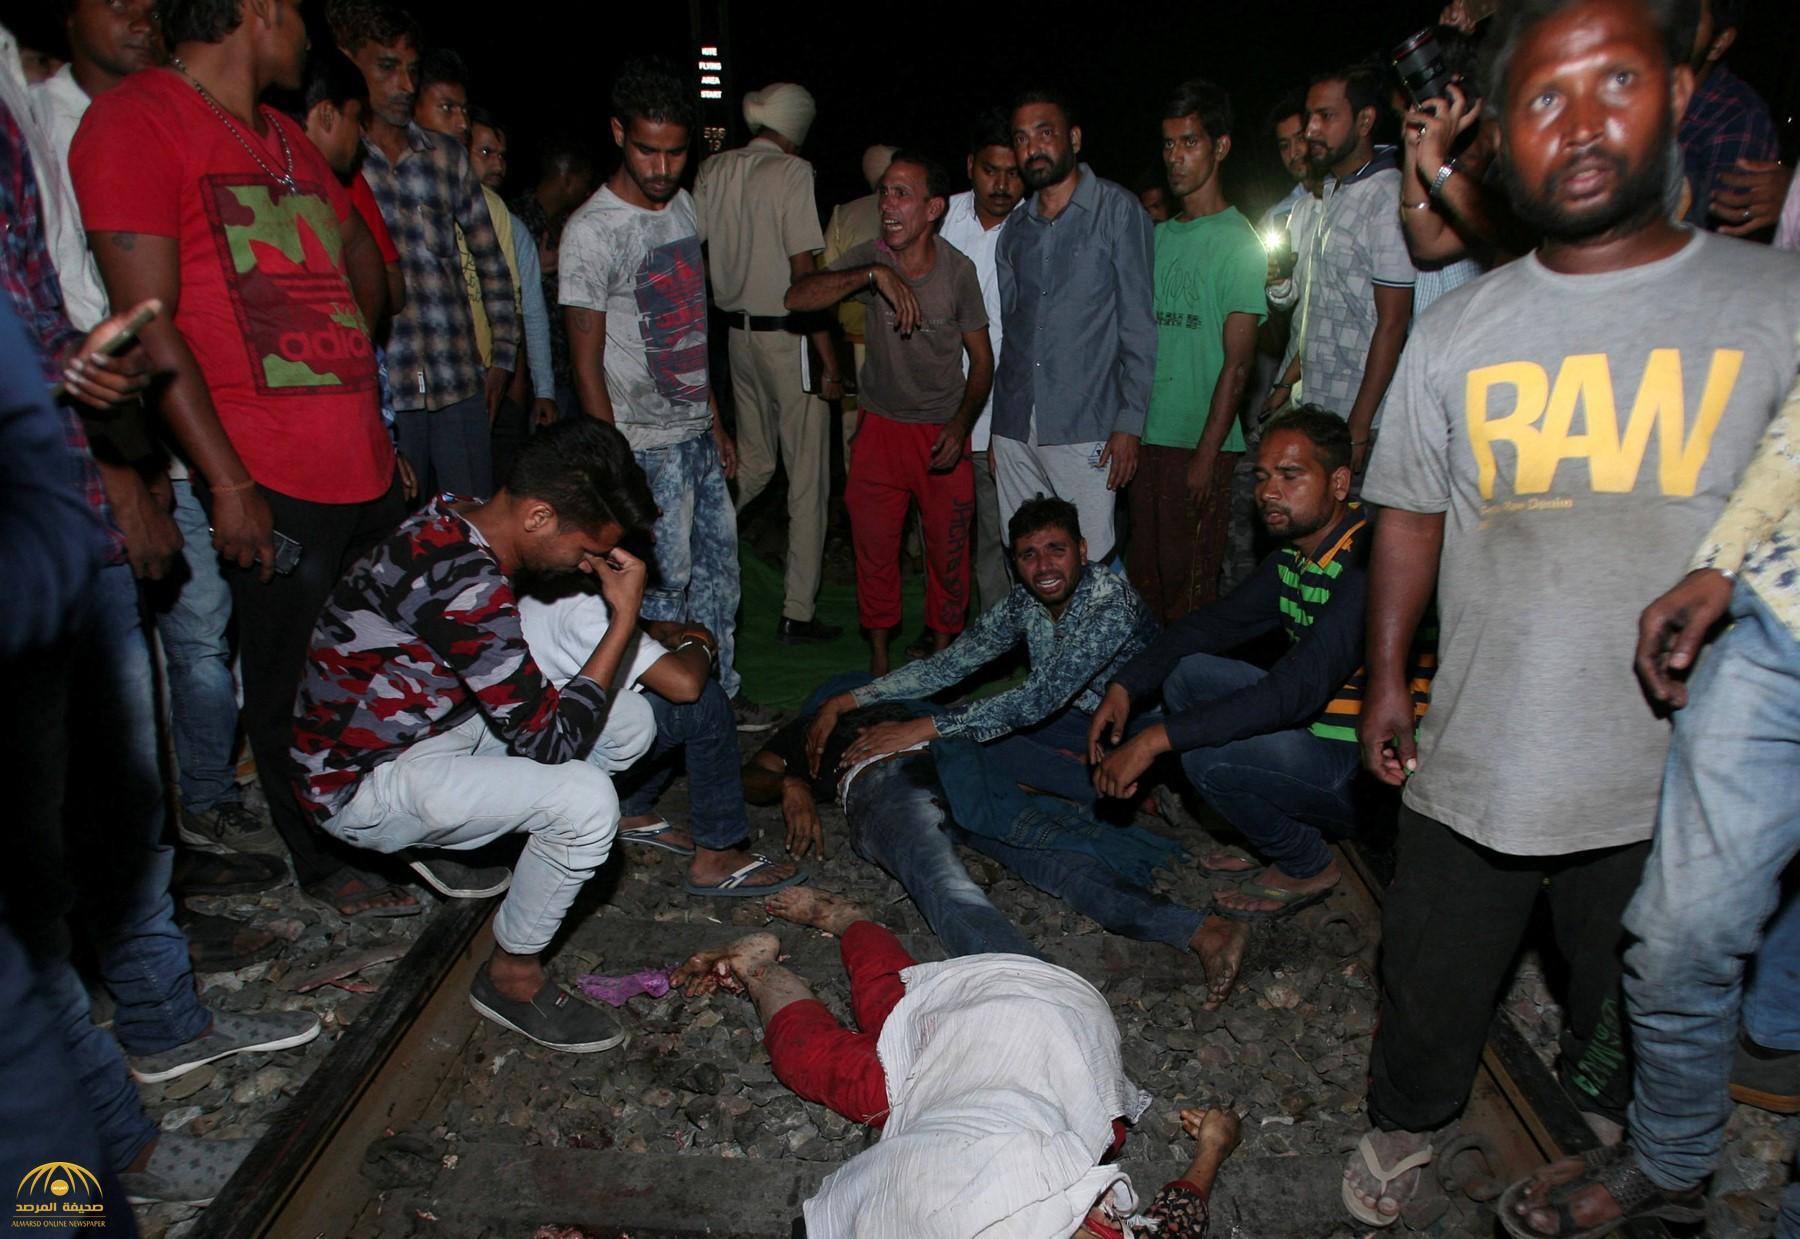 بالفيديو .. لحظة دهس قطار لـ 50 شخص في الهند خلال مهرجان للهندوس